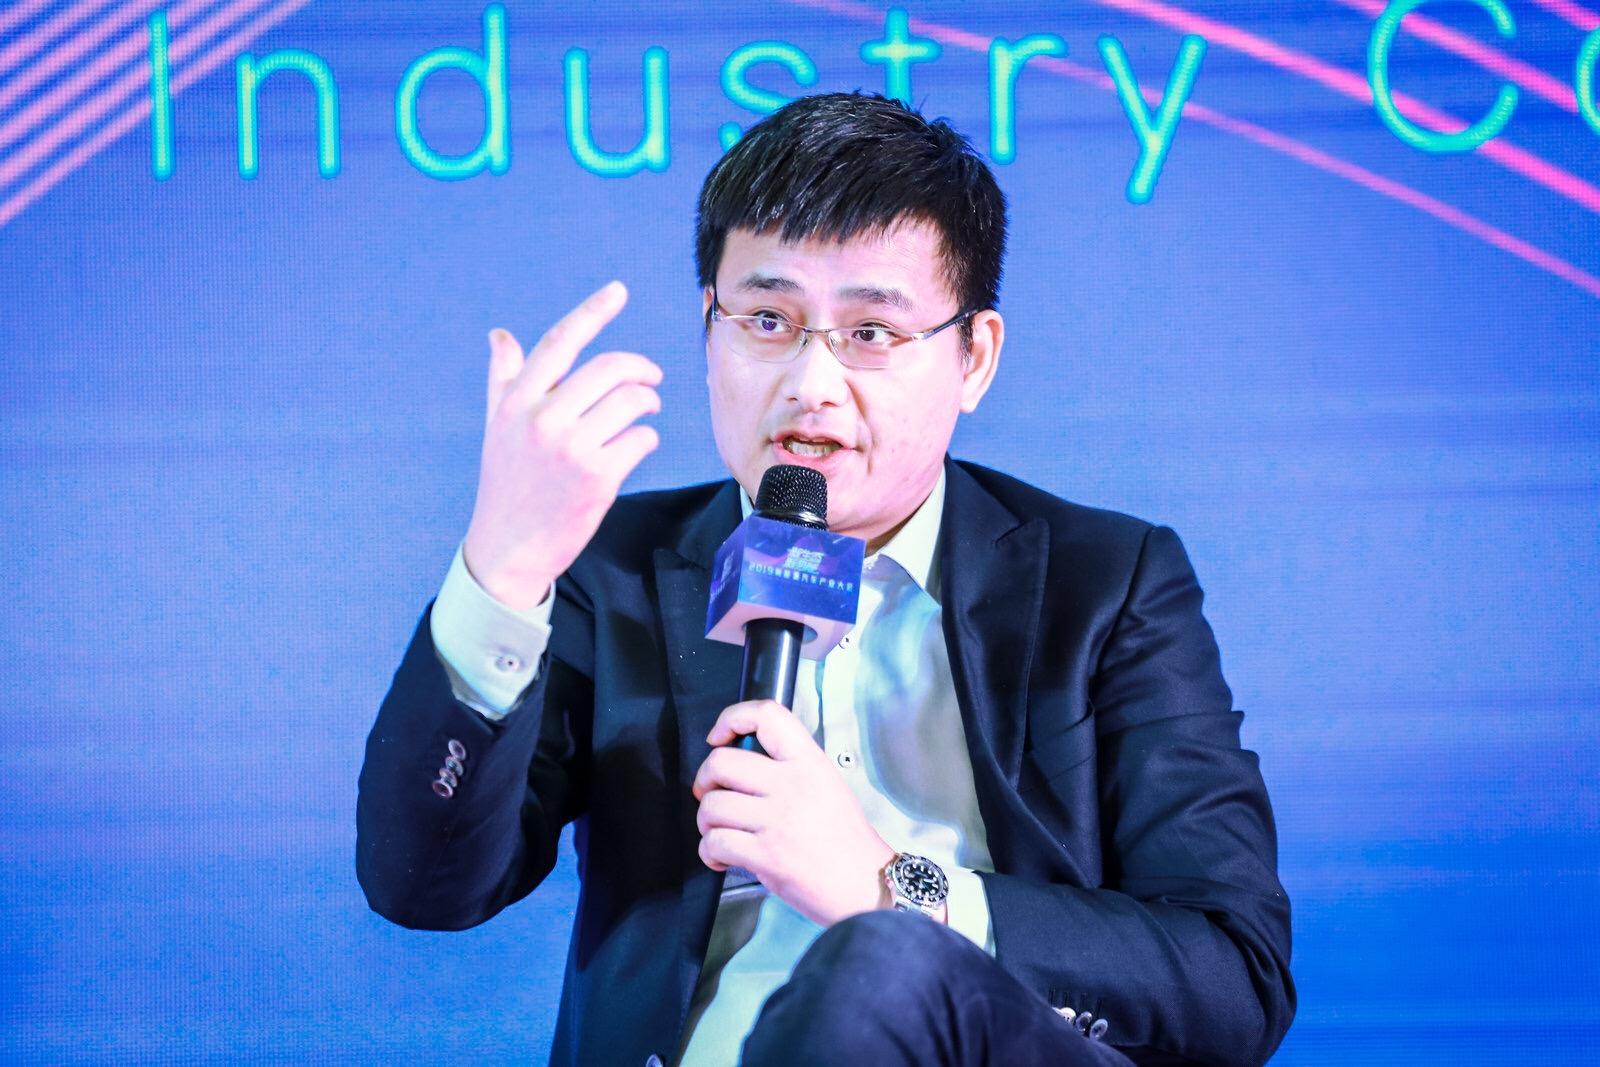 来必是科技公司创始人、董事长陈茂华